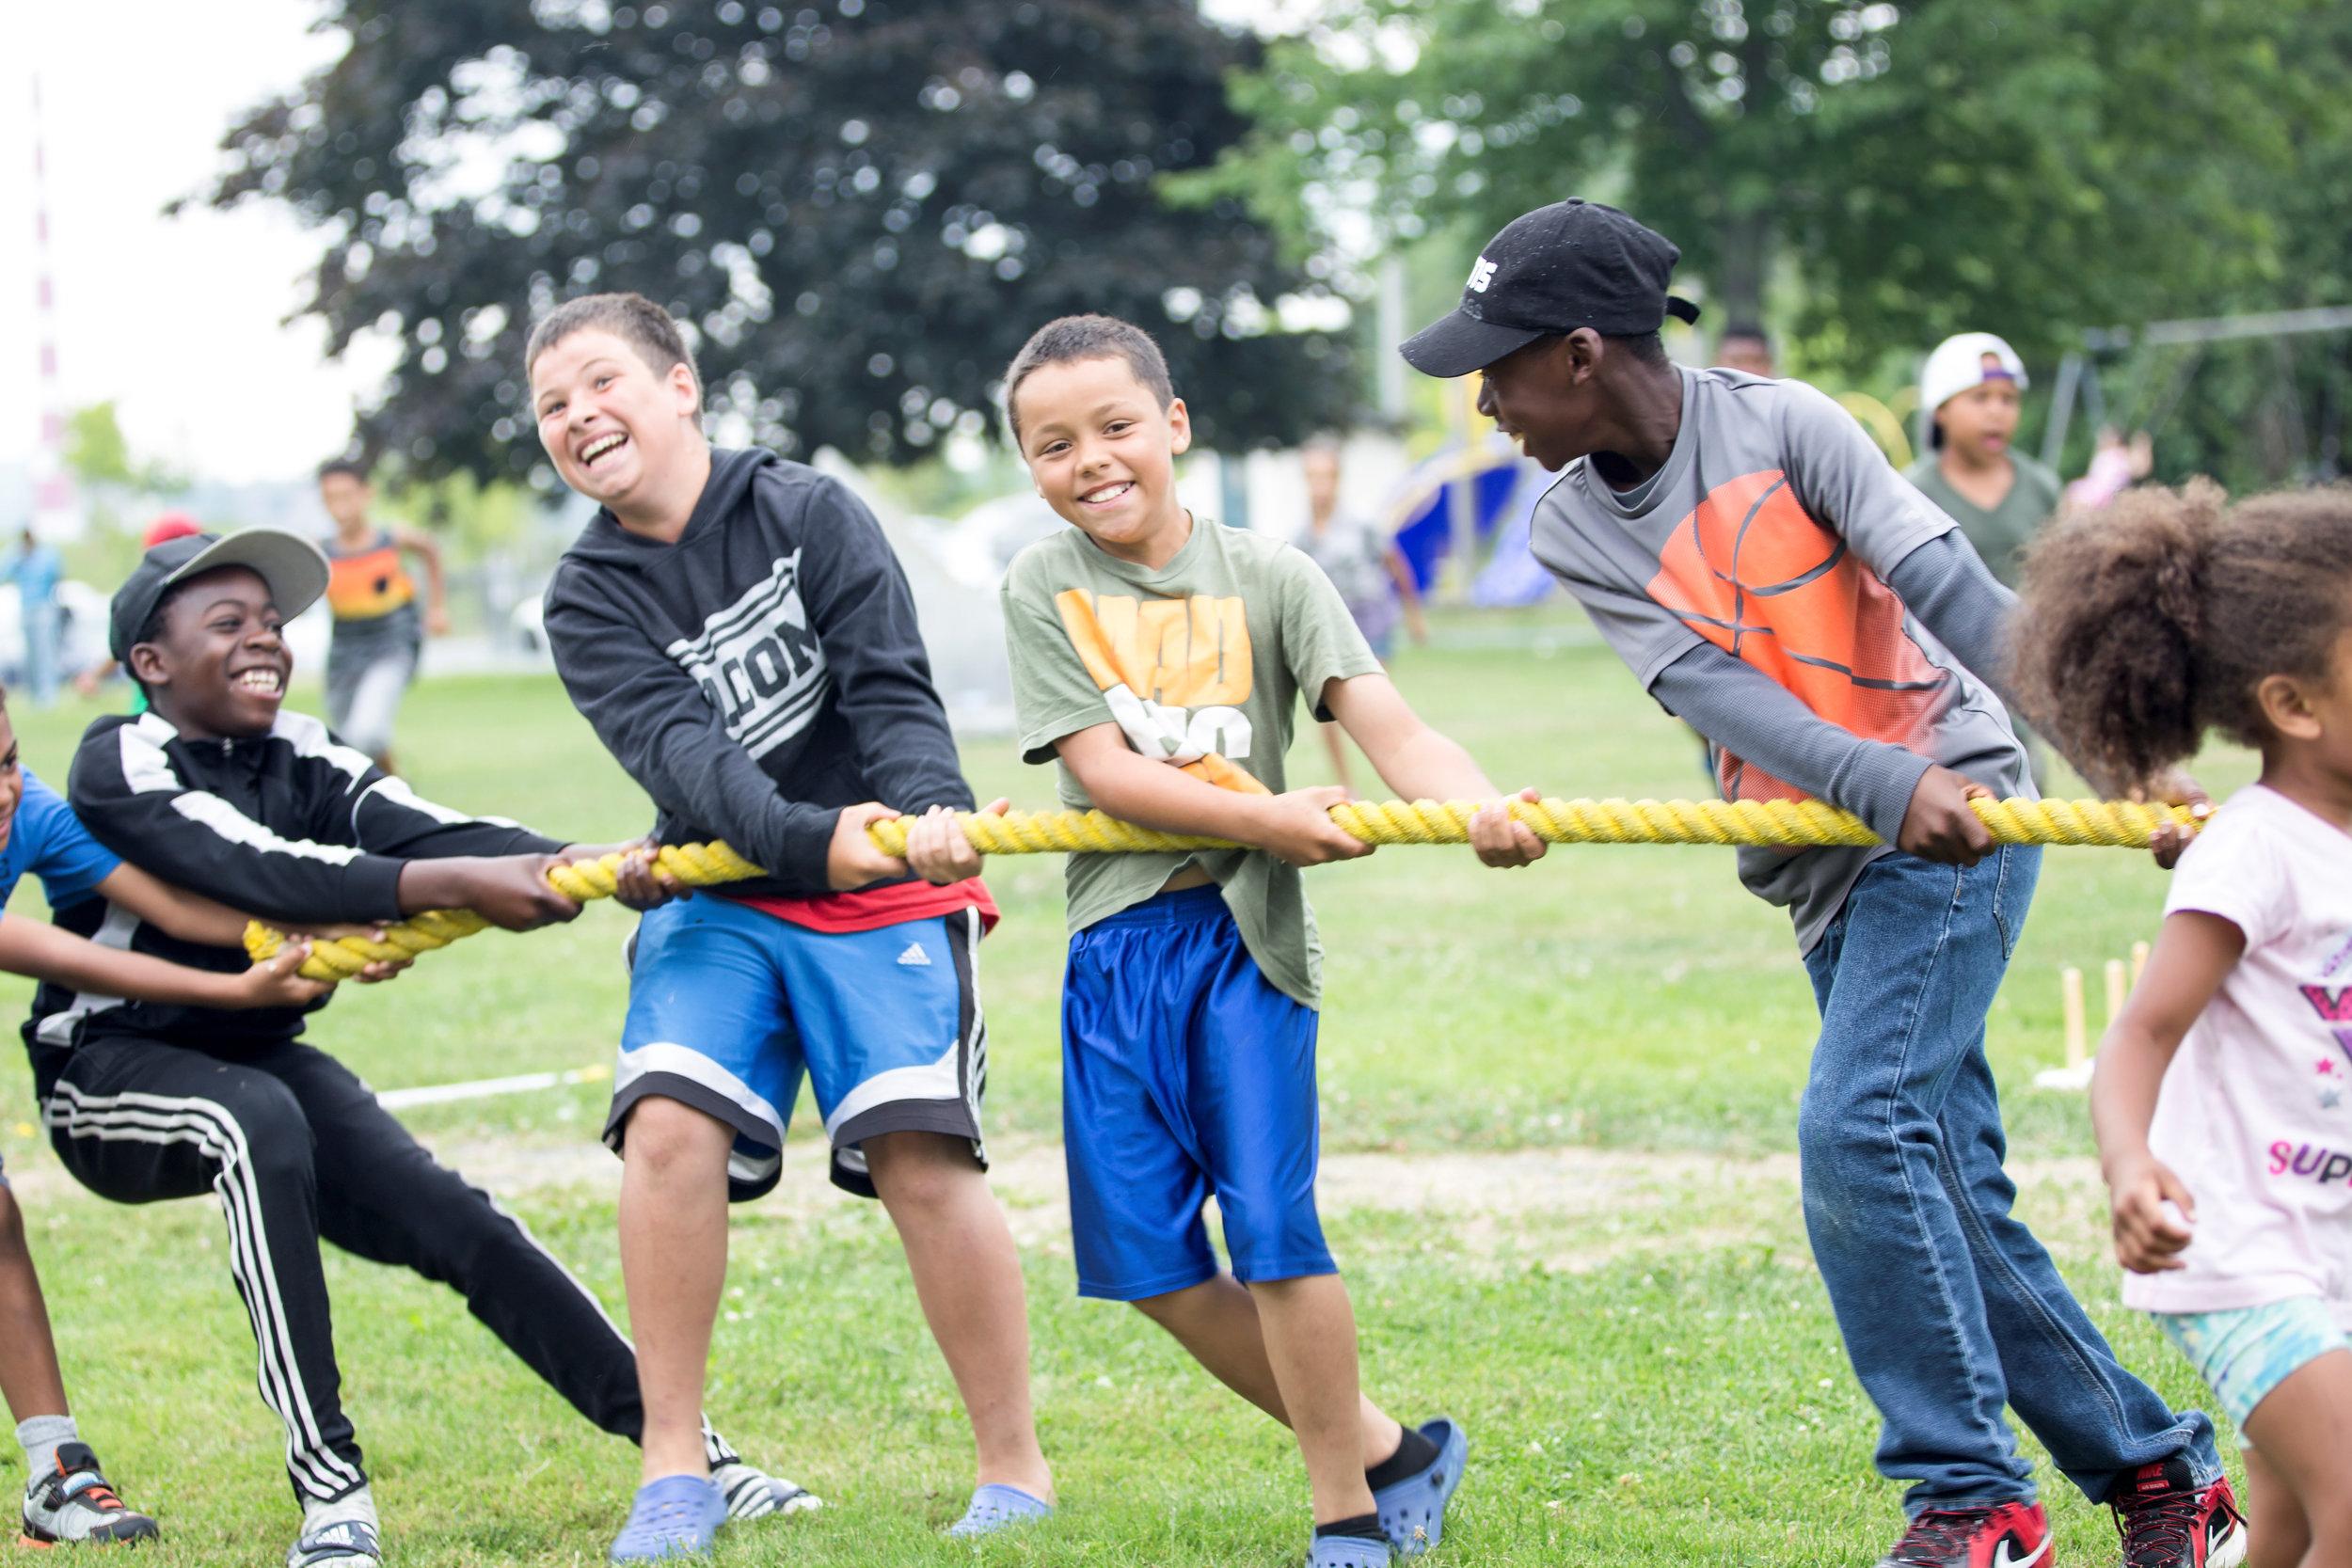 Ça nous concerne tous et toutes. - Il y a plusieurs façons de s'impliquer avec UpLift. Que ce soit en tant que bénévoles, partenaires ou donateurs, nous avons tous et toutes un rôle à jouer dans la création d'un environnement plus sain où nos enfants peuvent apprendre et se développer.